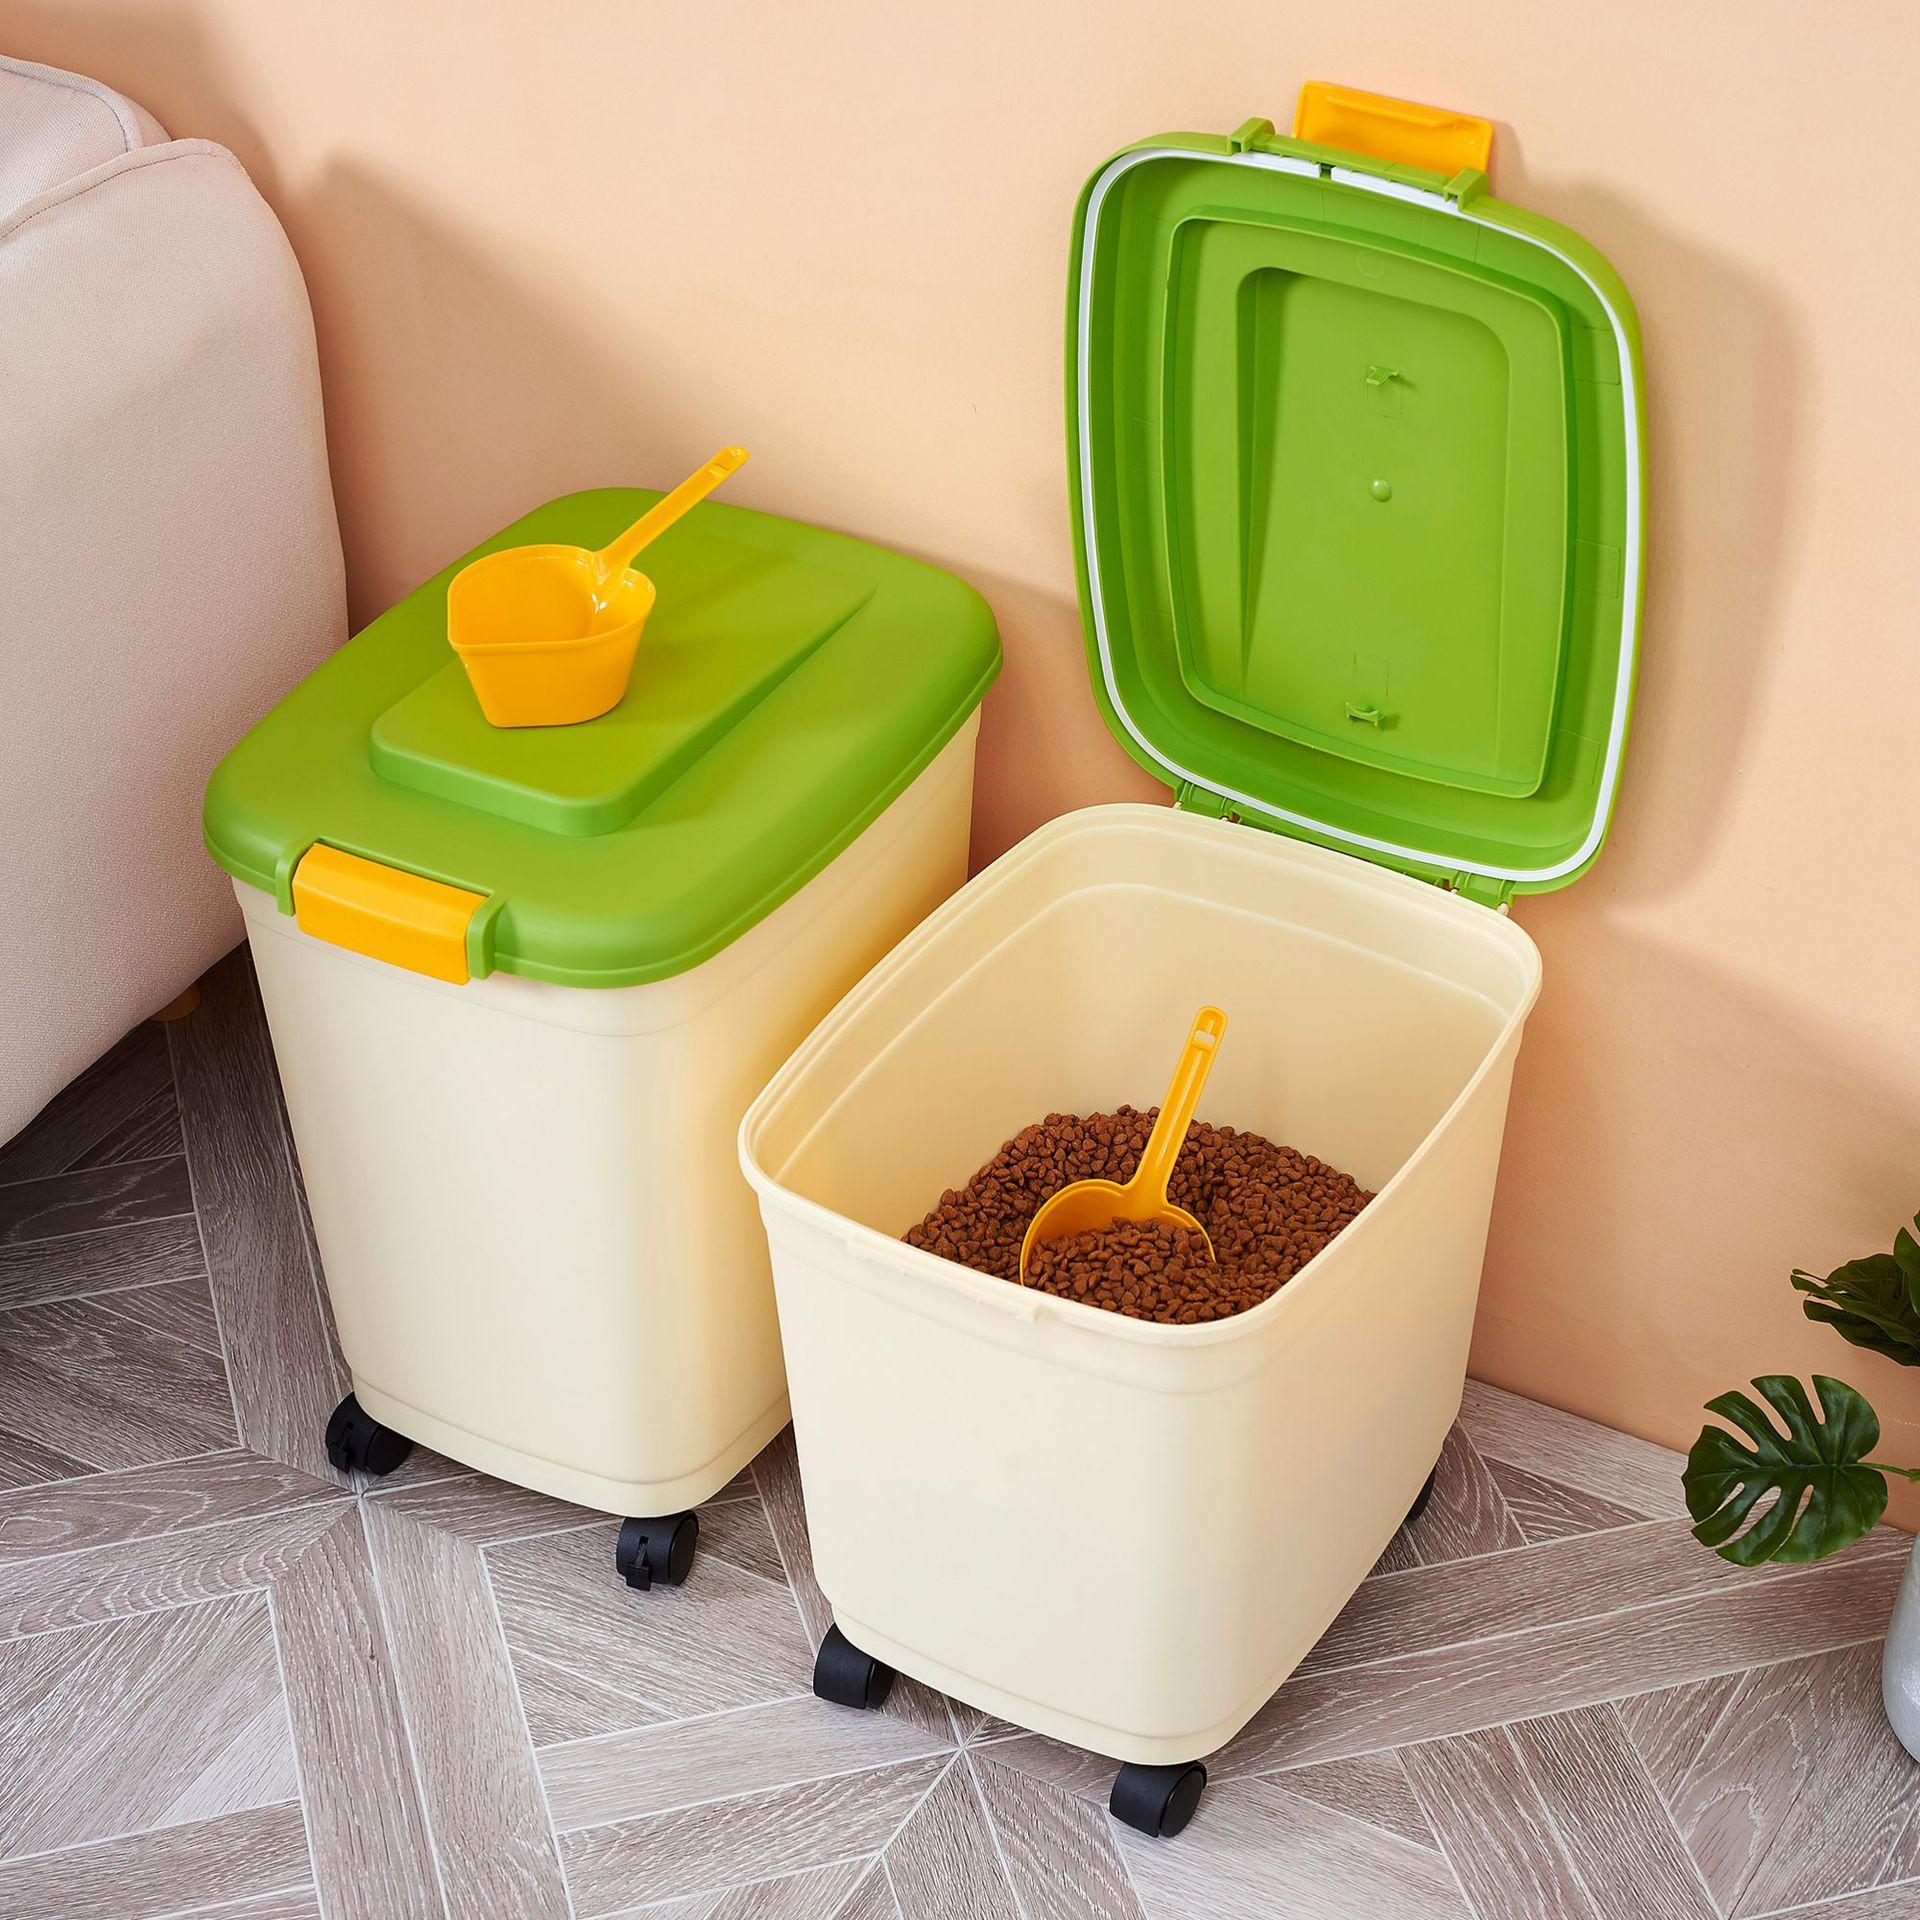 STROBIGO Airtight Pet Dog Food Storage Container with Lid